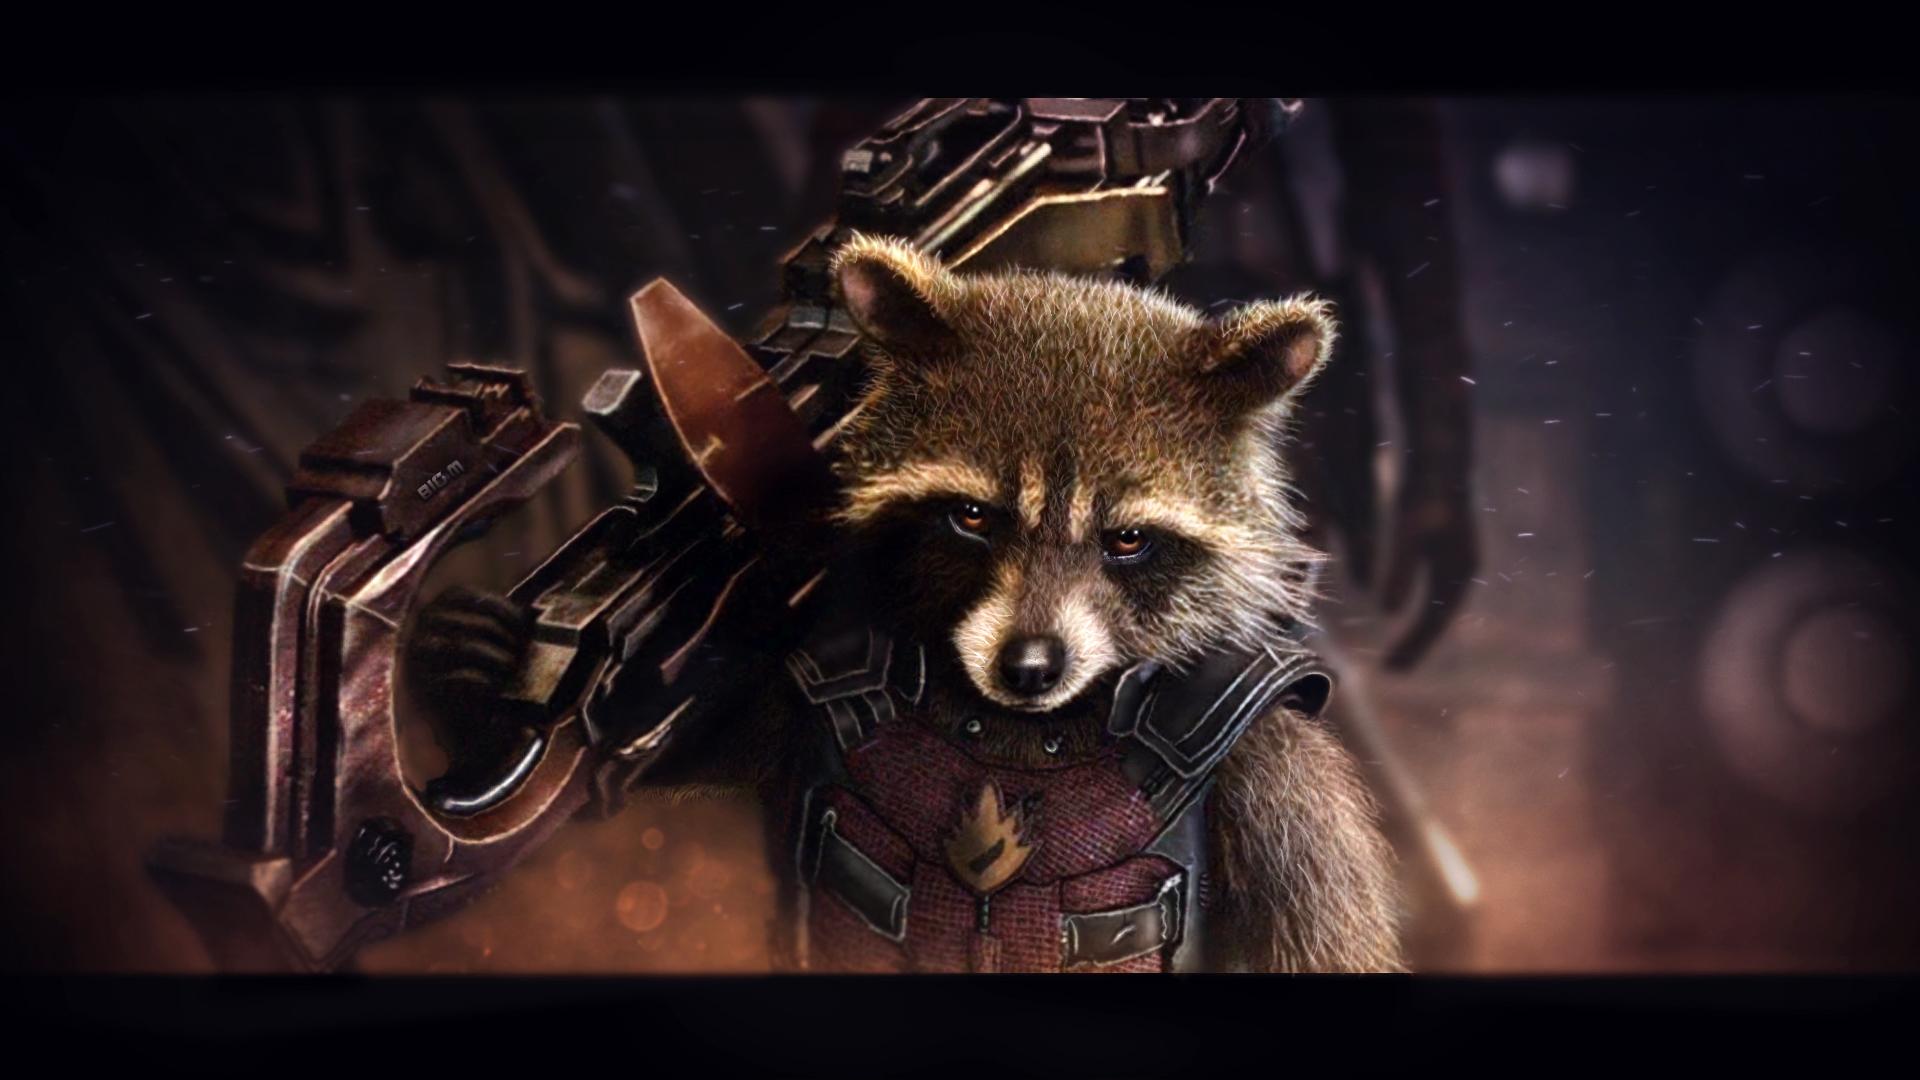 Rocket raccoon wallpaper 7 by biigm on deviantart - Rocket raccoon phone wallpaper ...